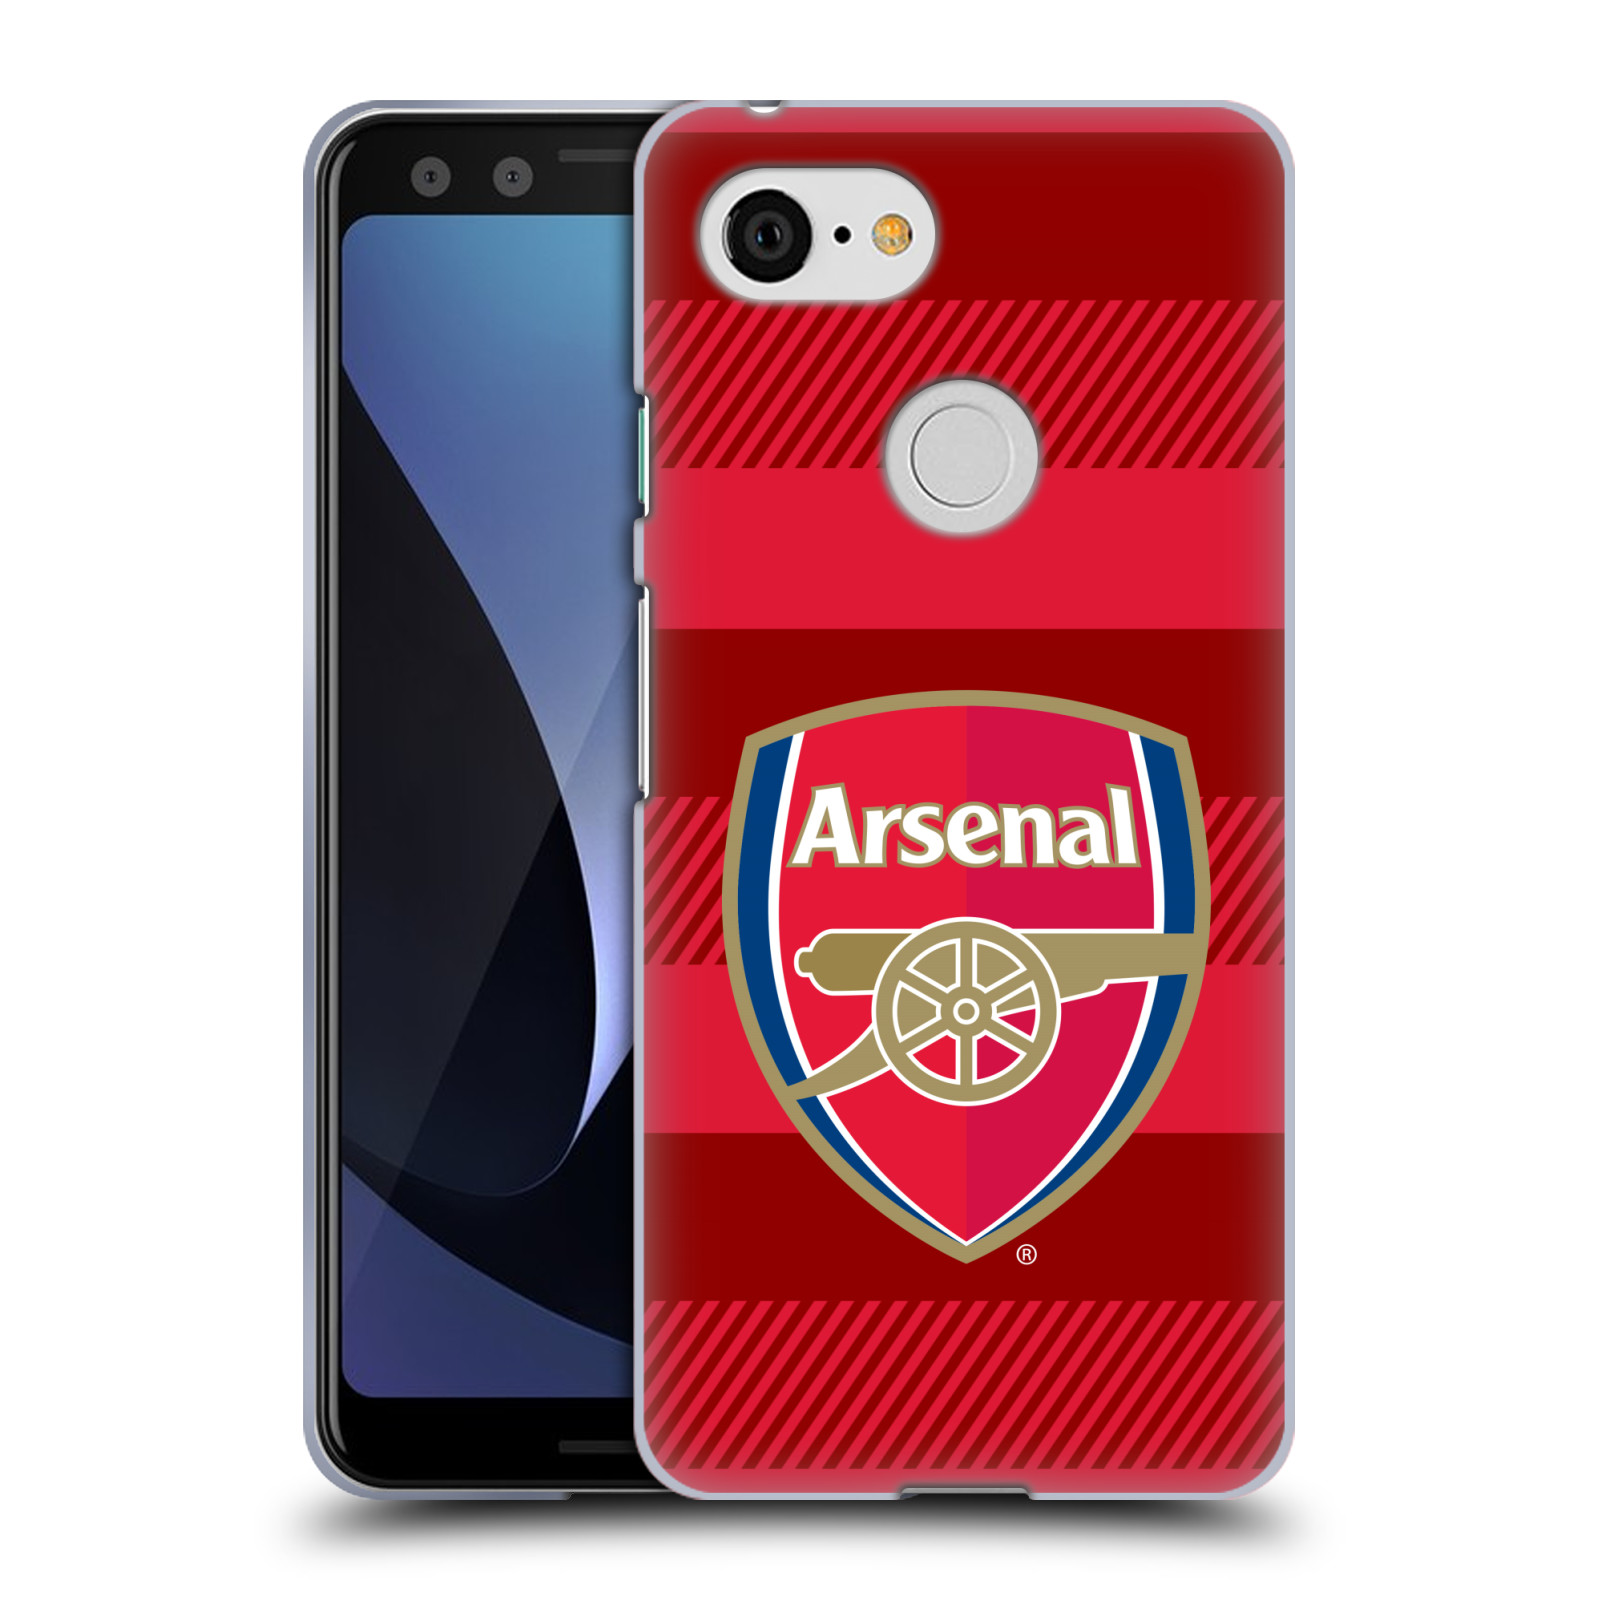 Silikonové pouzdro na mobil Google Pixel 3 - Head Case - Arsenal FC - Logo s pruhy